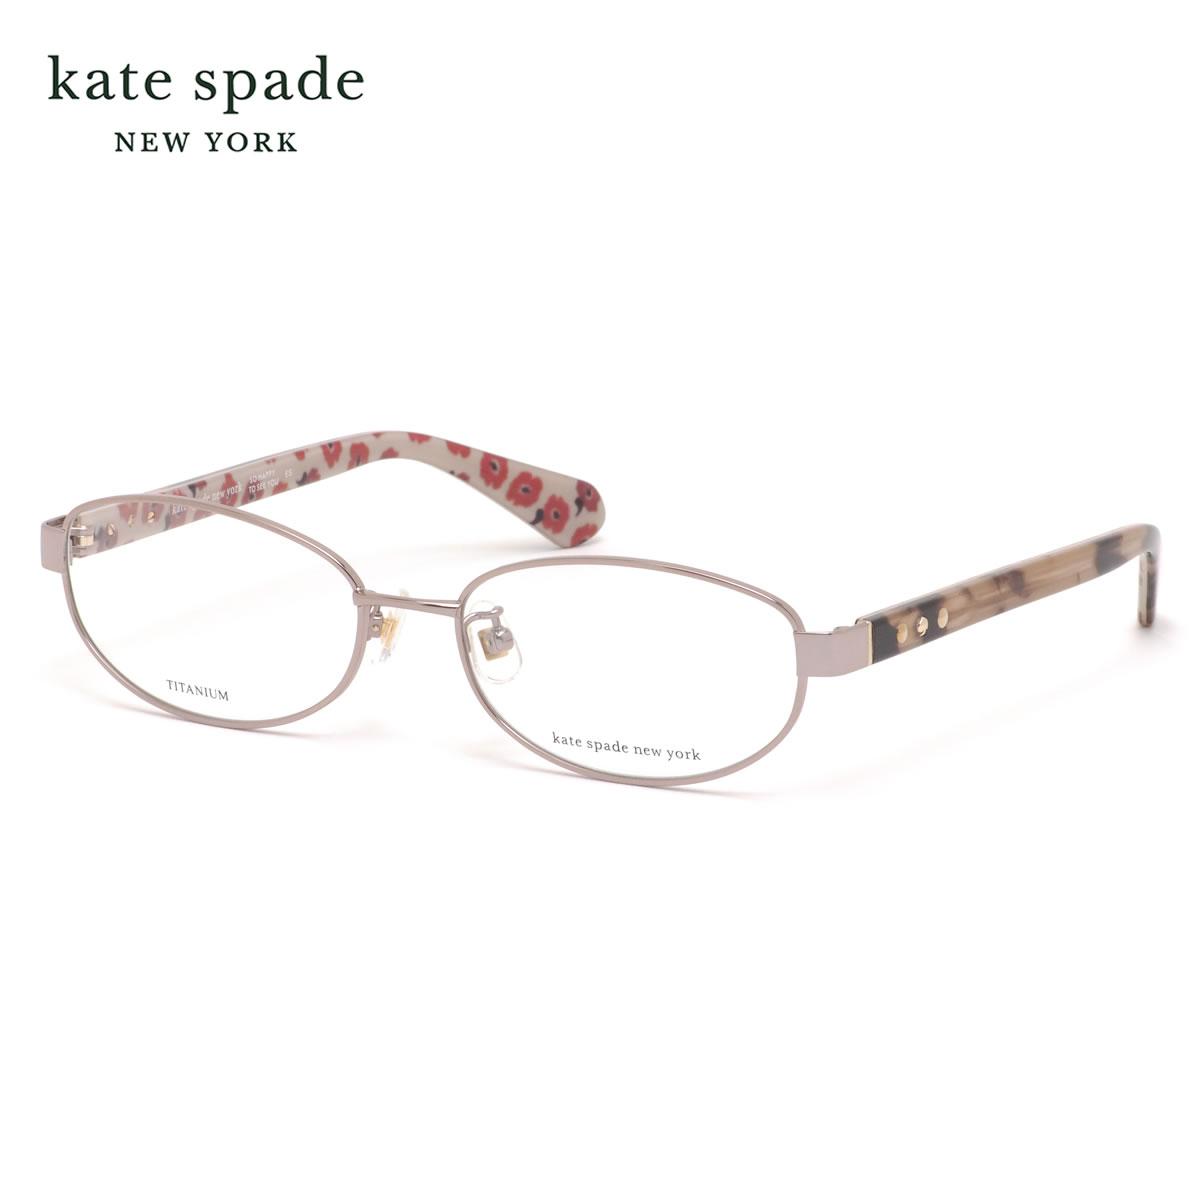 眼鏡・サングラス, 眼鏡  CANDELAF S45 53 kate spade